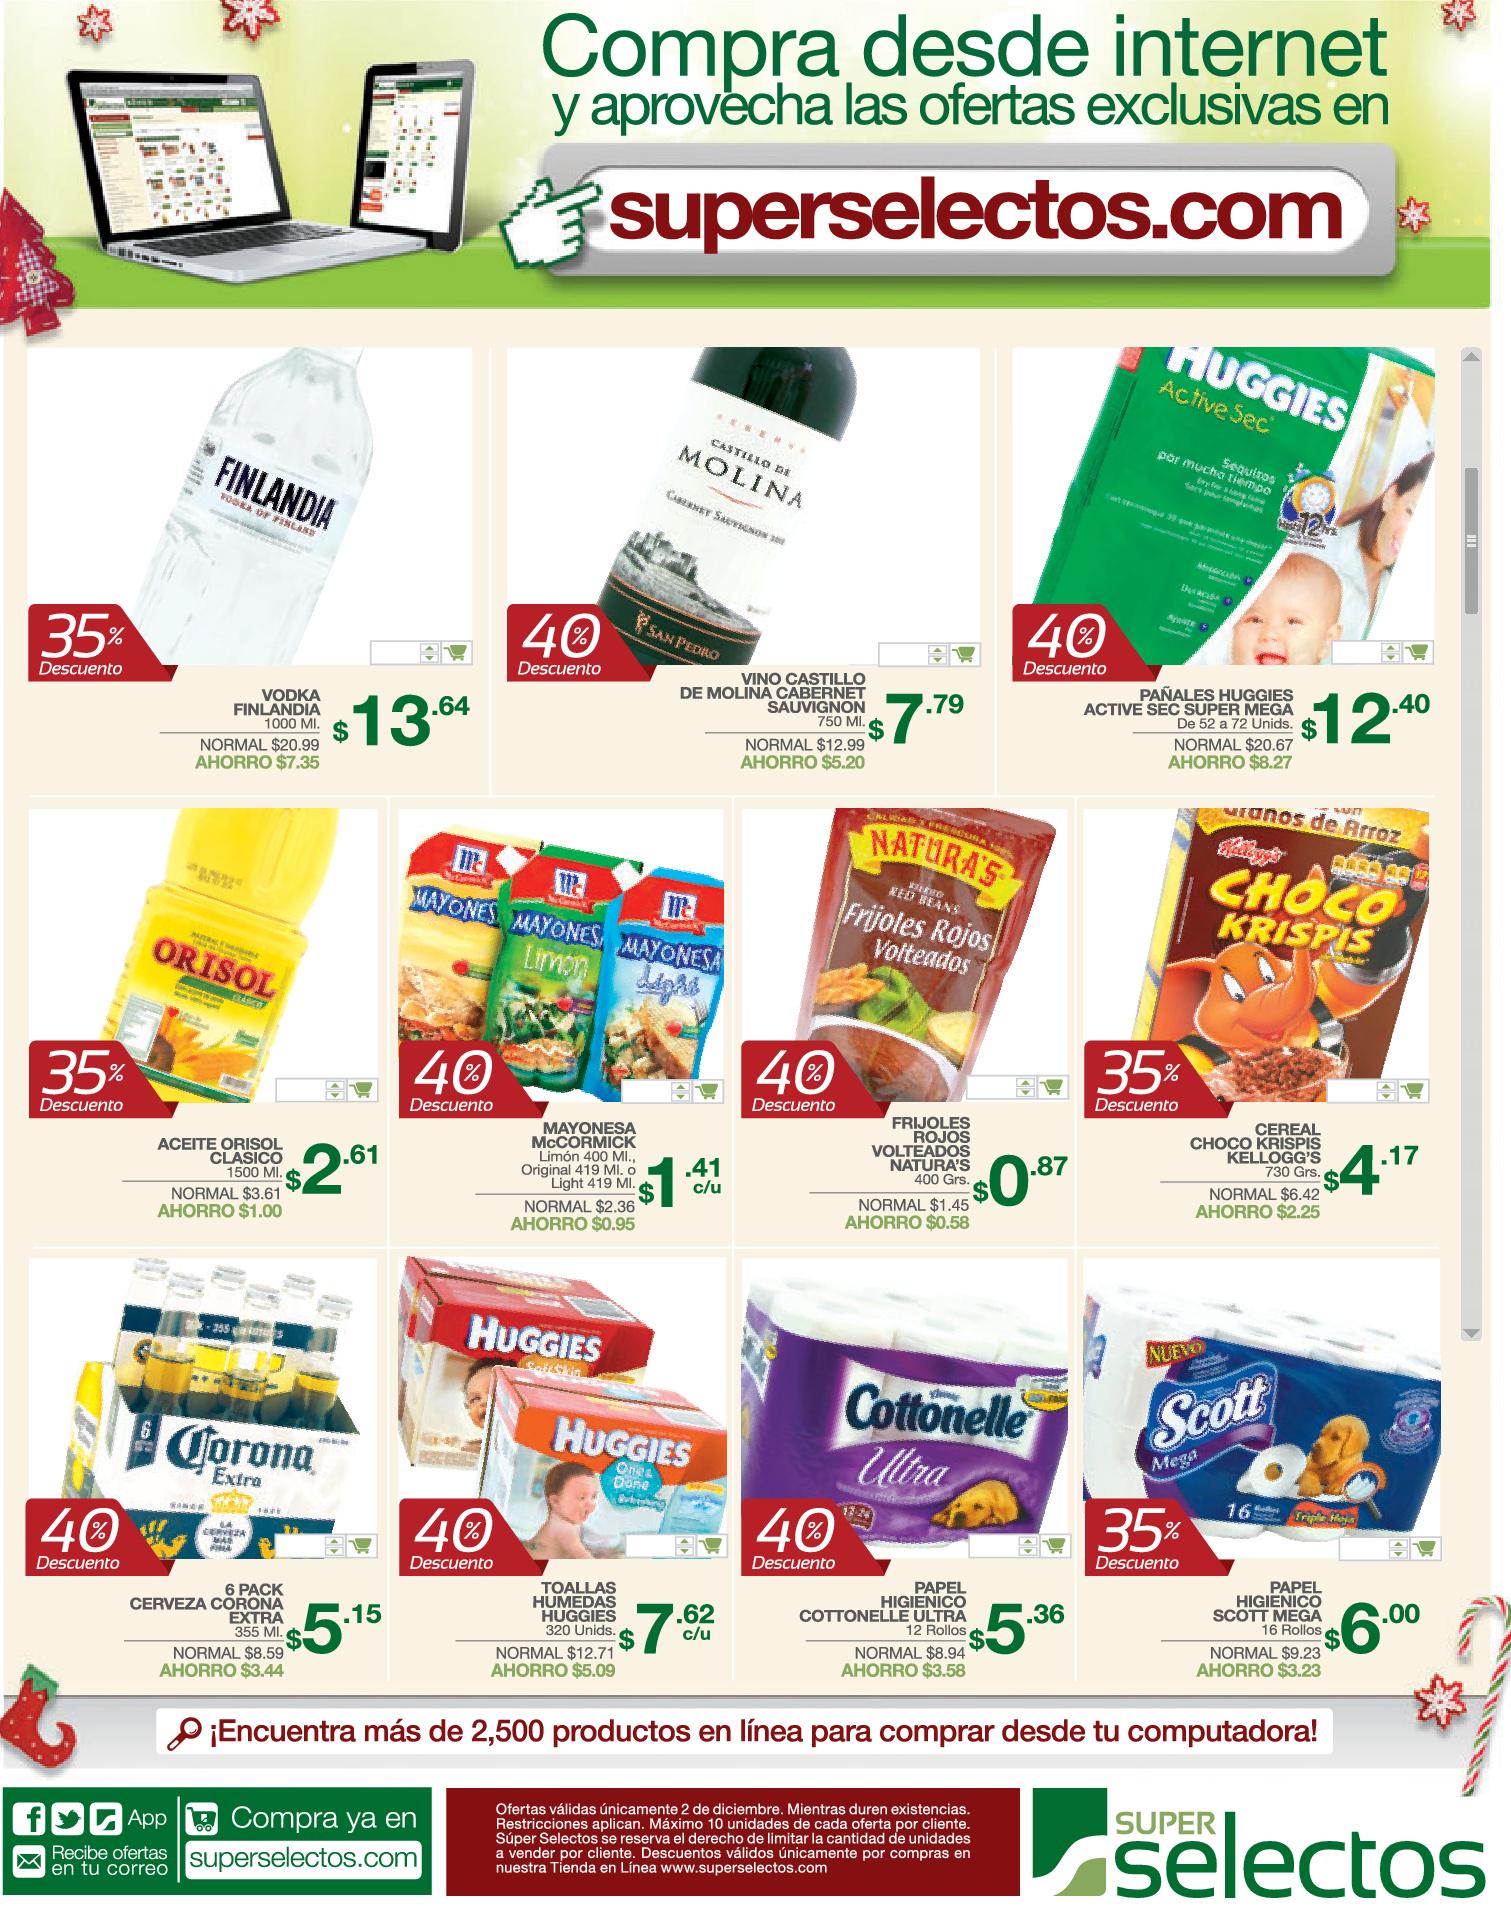 Cyber Monday descuentos en ww.superselectos.com - 02dic13